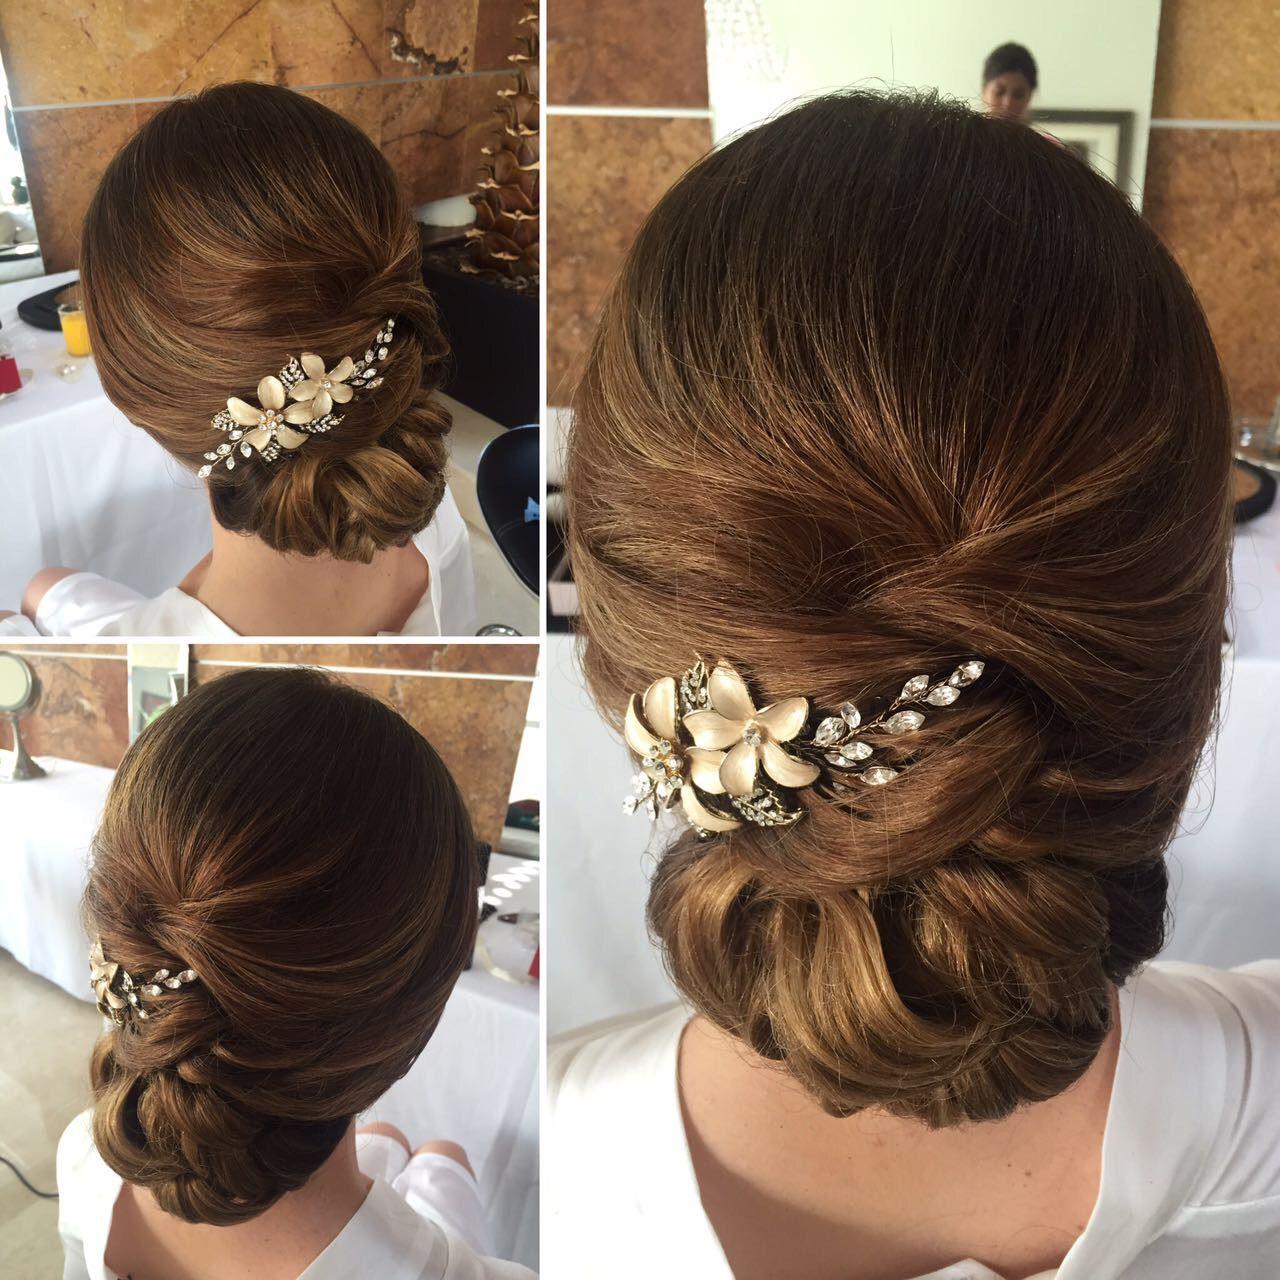 Diversión y halagos peinados con peinetas Imagen de cortes de pelo consejos - Bride to be. Peinado recogido para novia con peineta ...